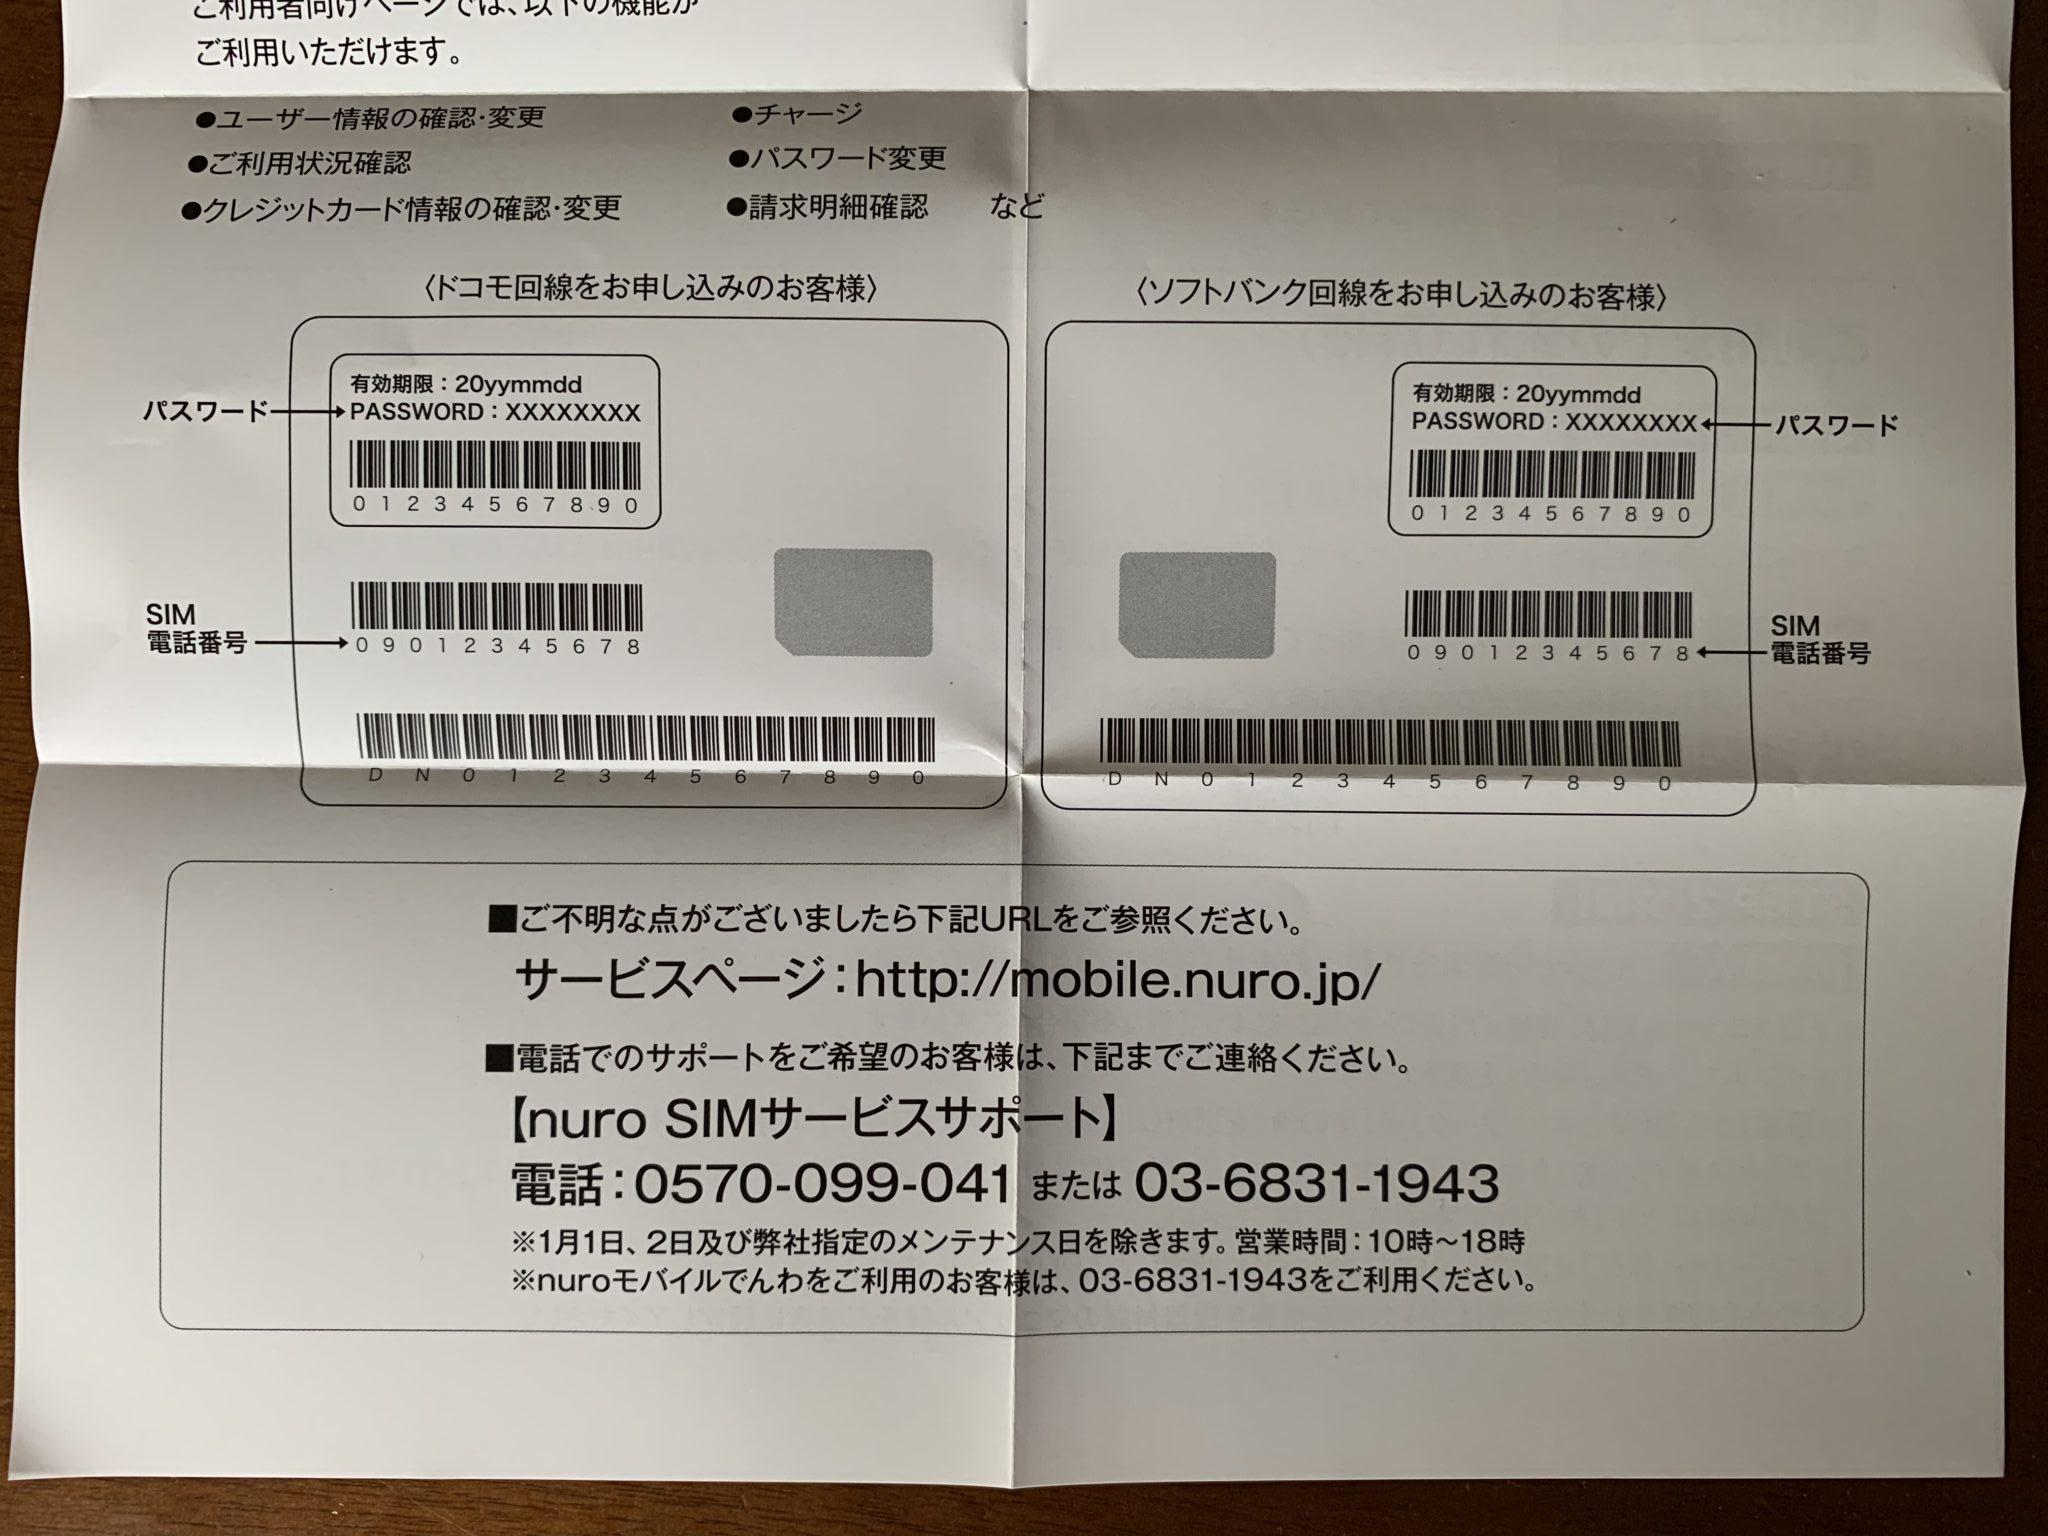 NUROモバイルのログイン情報